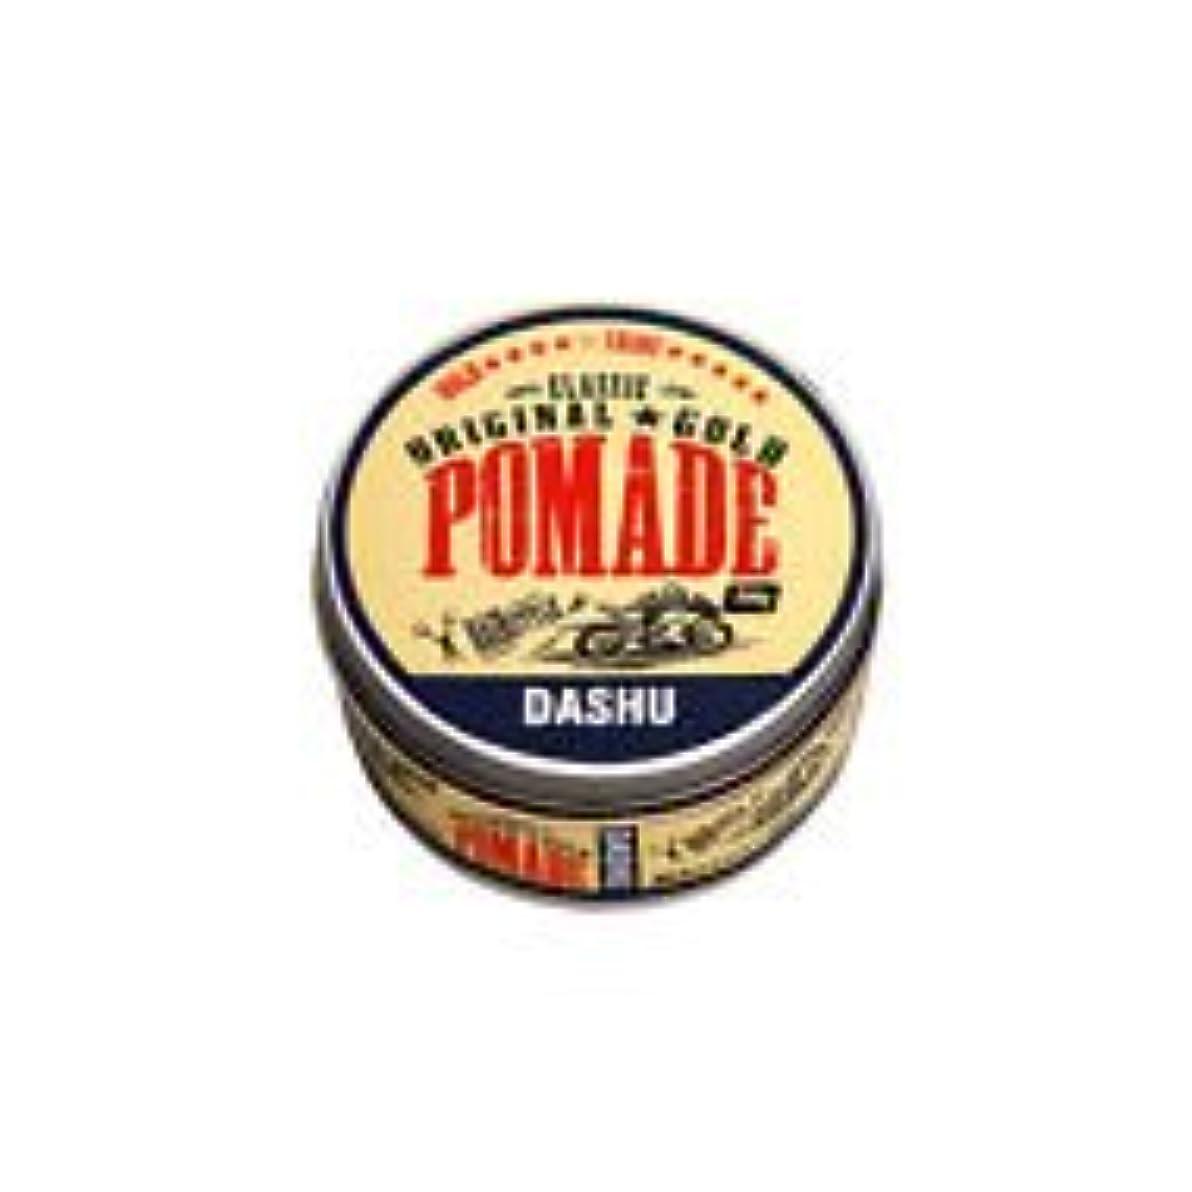 に付ける明快腰[DASHU] ダシュ クラシックオリジナルゴールドポマードヘアワックス Classic Original Gold Pomade Hair Wax 100ml / 韓国製 . 韓国直送品